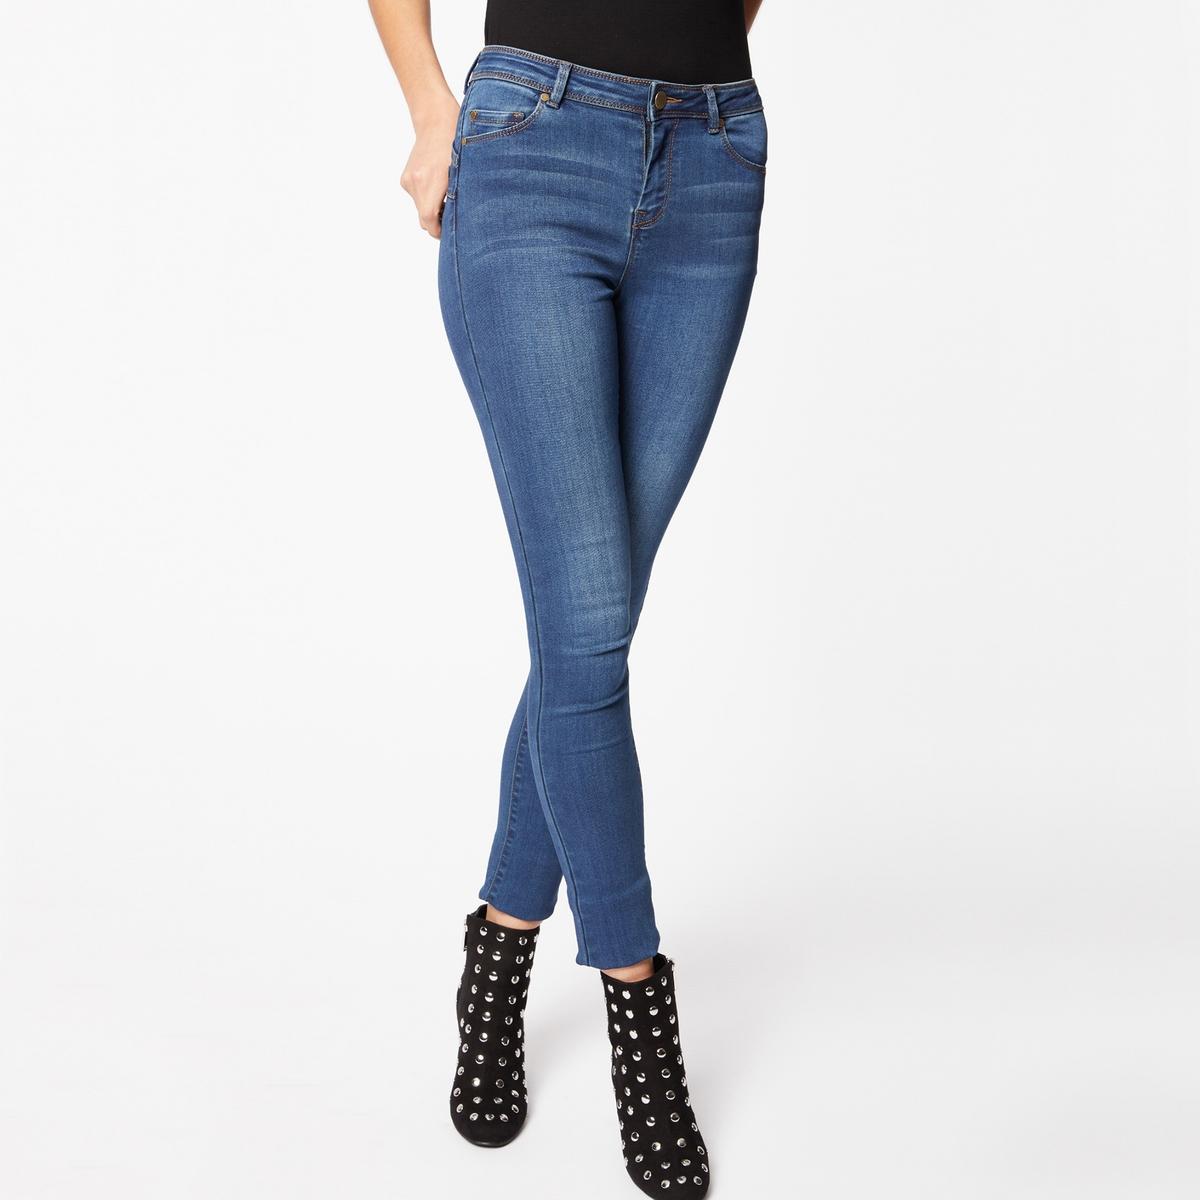 Джинсы скинни джинсы скинни дл 32 morgan